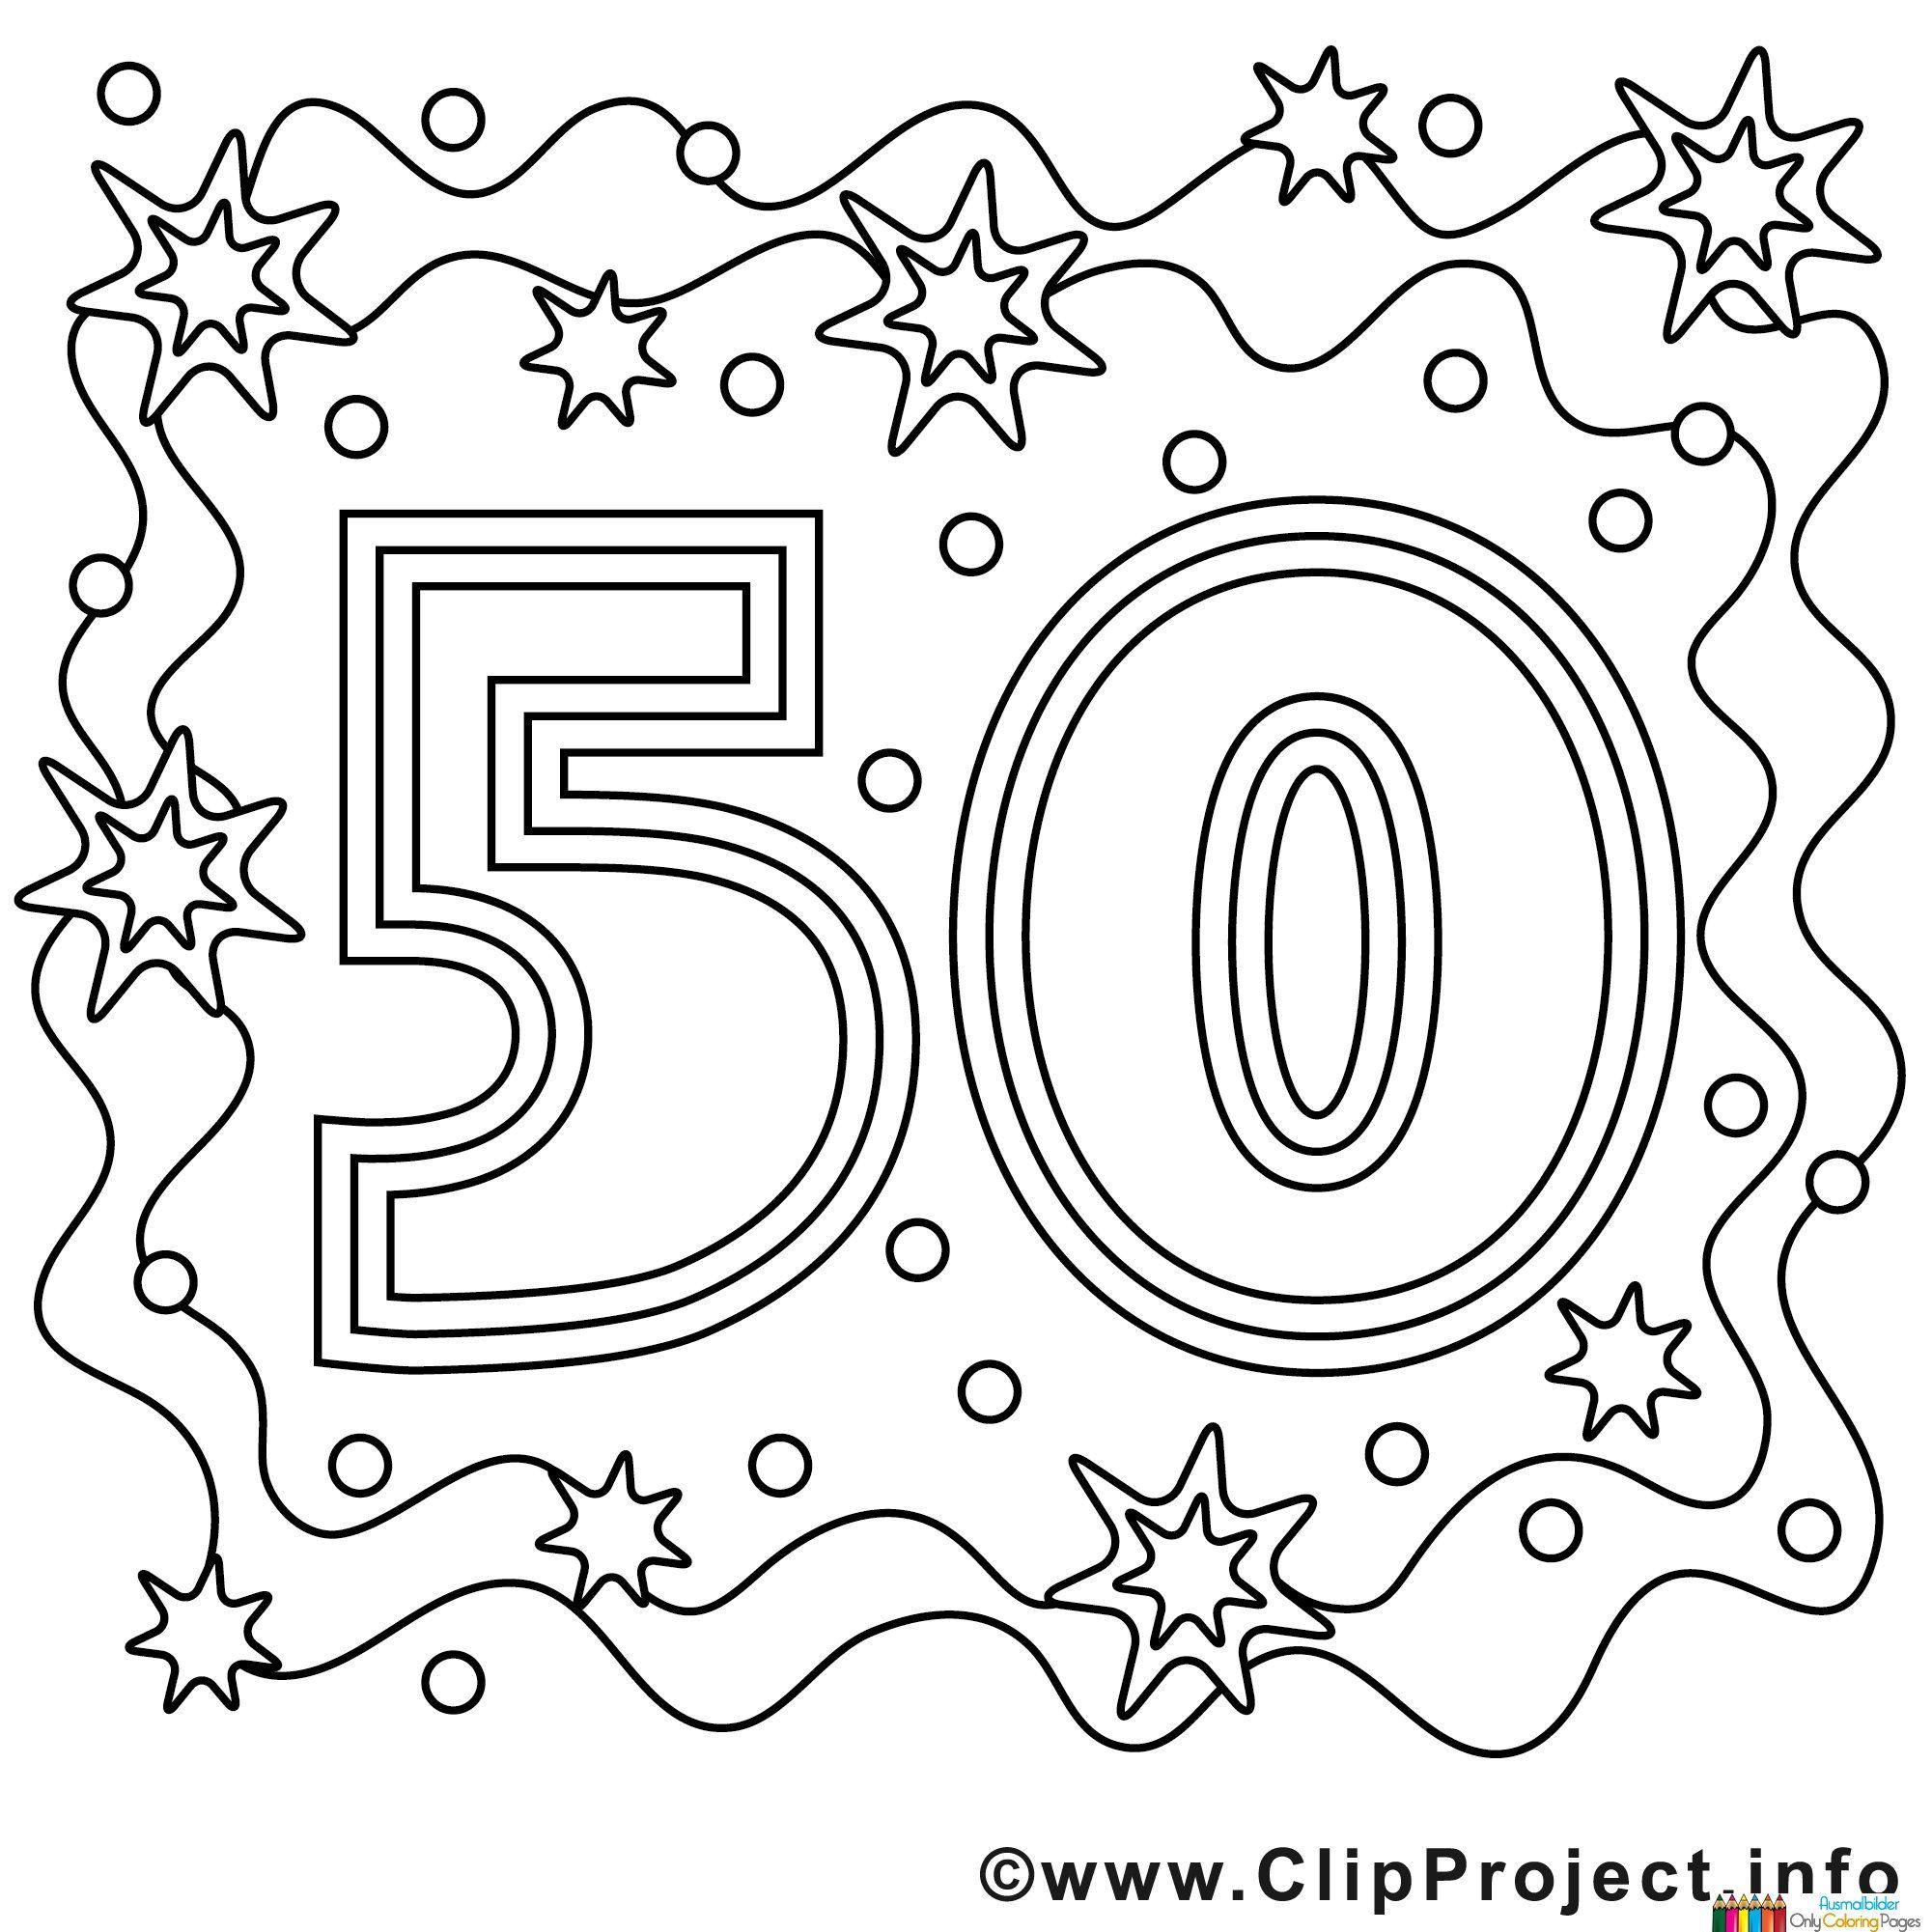 Ausmalbild zum 50 Geburtstag | 50. Geburtstag | Pinterest | Zum 50 ...